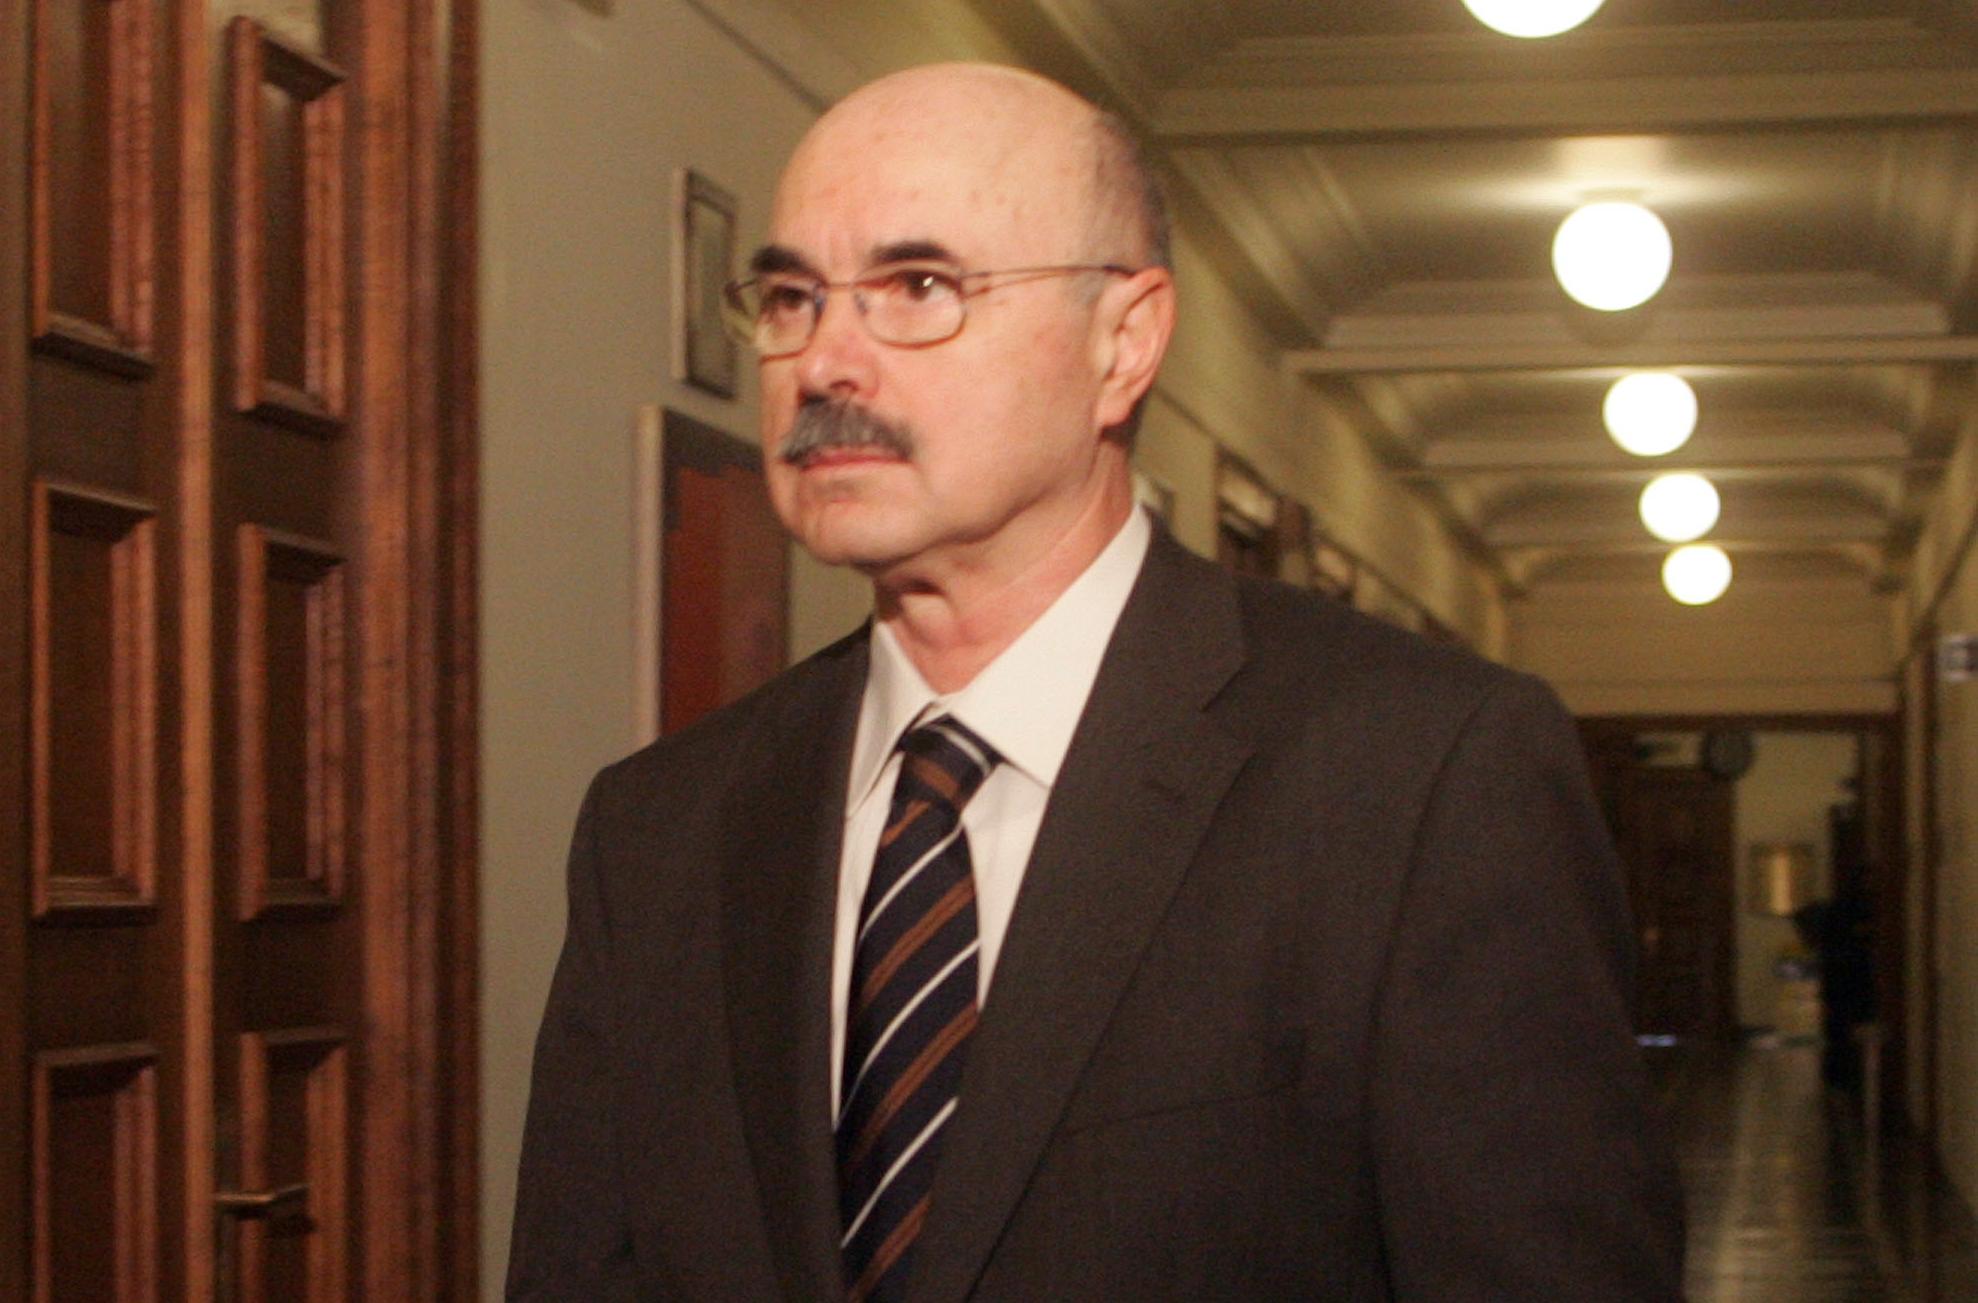 Εταιρεία Οικογενειακού Δικαίου: Πρόεδρος εκ νέου αναδείχθηκε ο Ιωάννης Τέντες